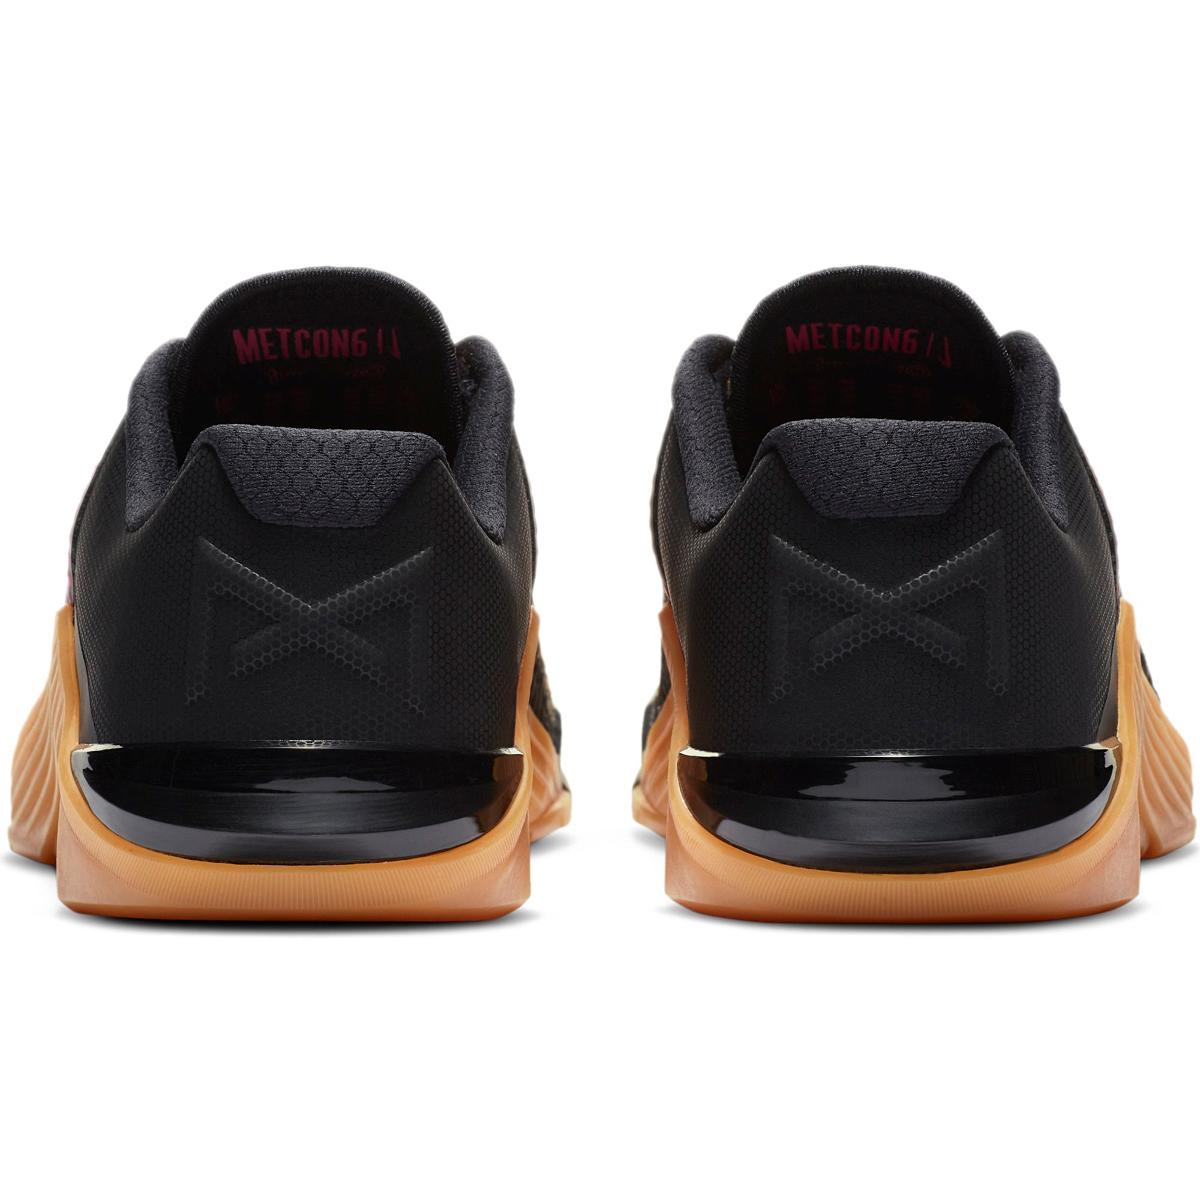 Women's Nike Metcon 6 Training Shoes - Color: Black/Metallic - Size: 5 - Width: Regular, Black/Metallic, large, image 5